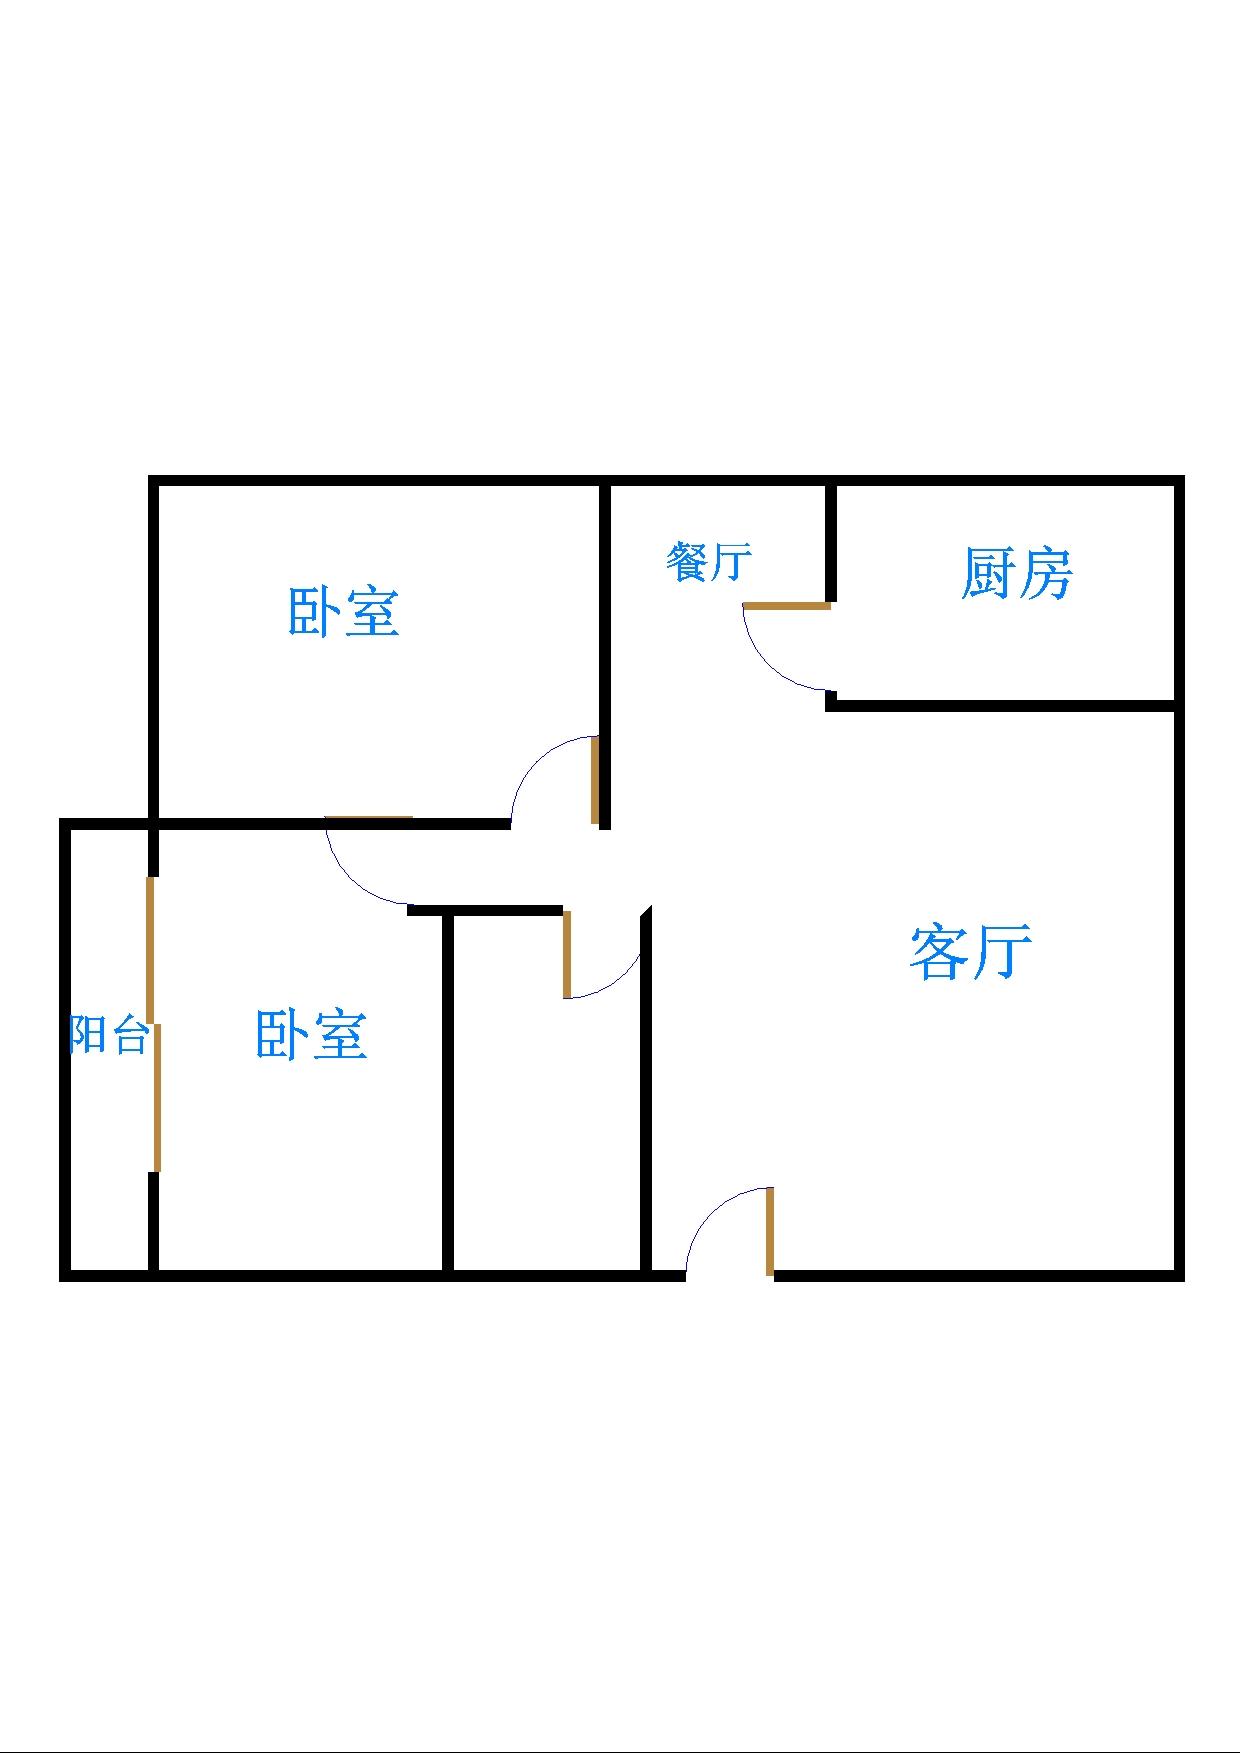 农科所宿舍 2室2厅 3楼